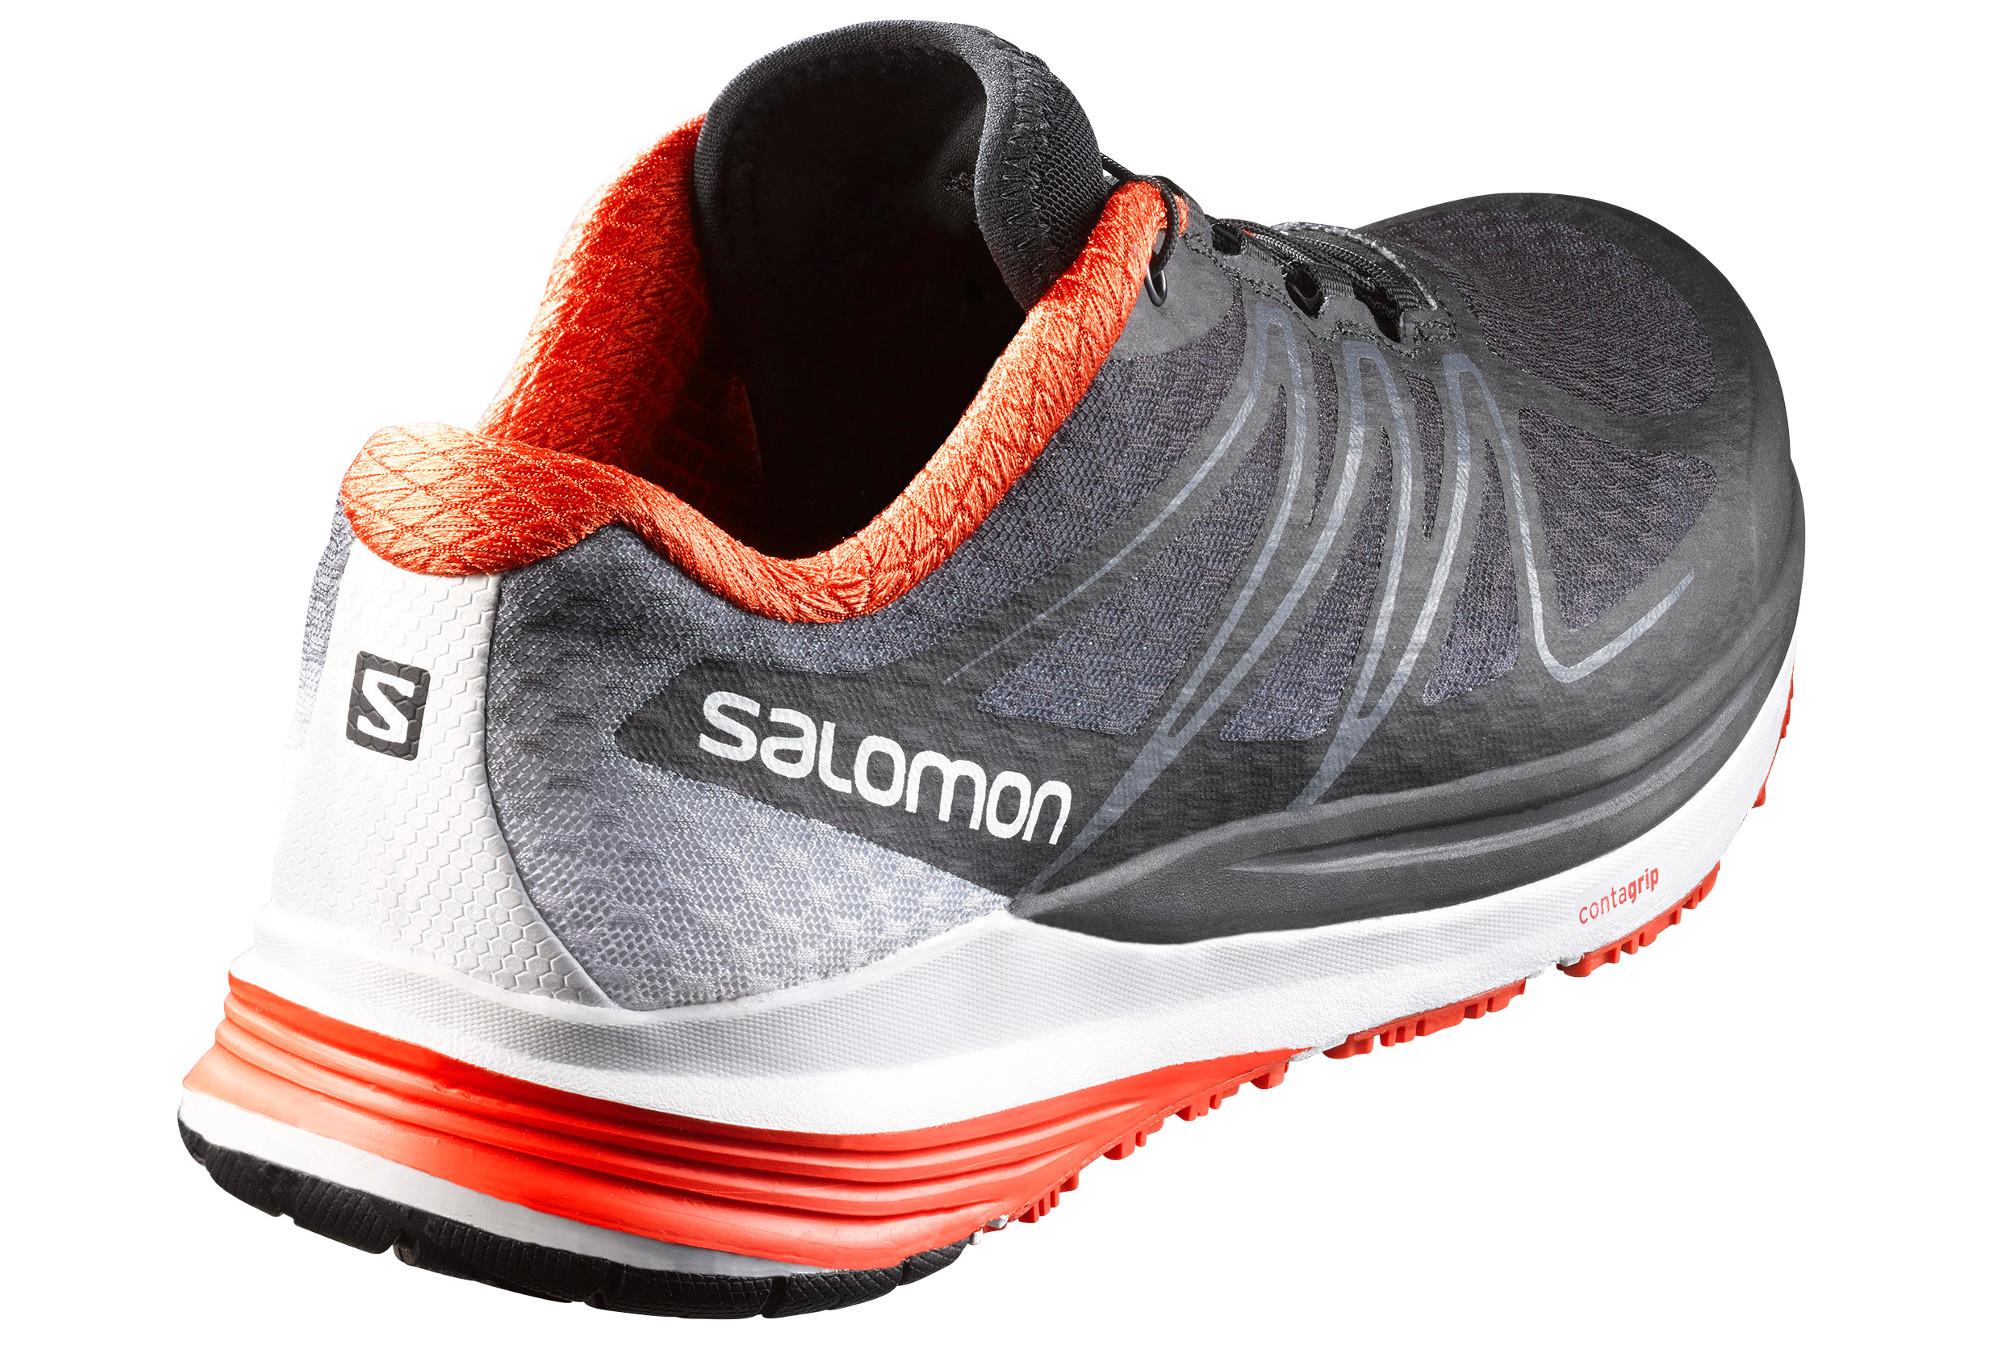 Salomon Sense Propulse. Todo Tallas 41 13 Color